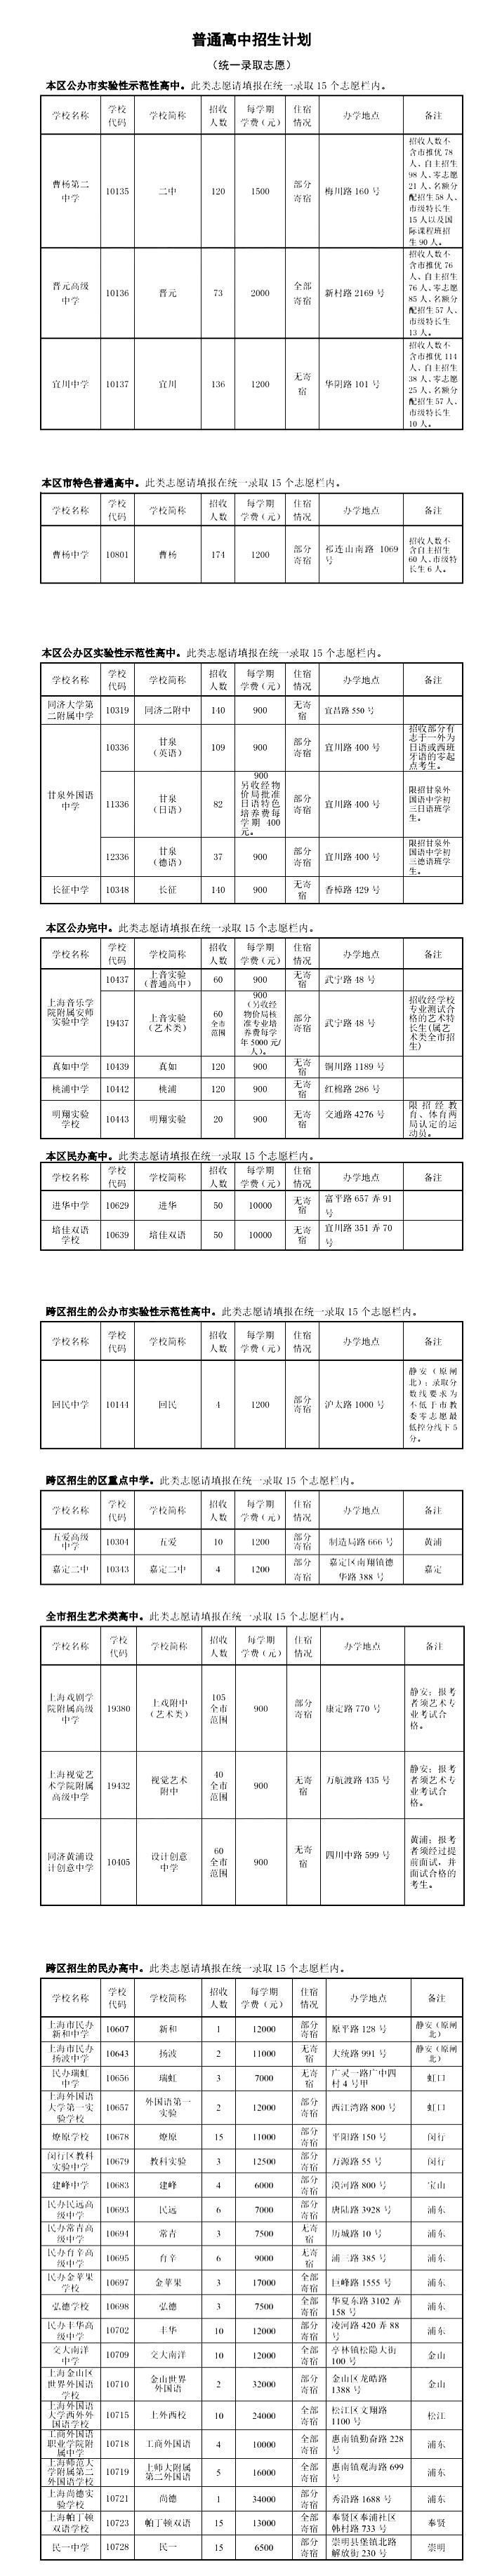 """2017上海普陀区中考""""平行志愿""""招生计划表"""